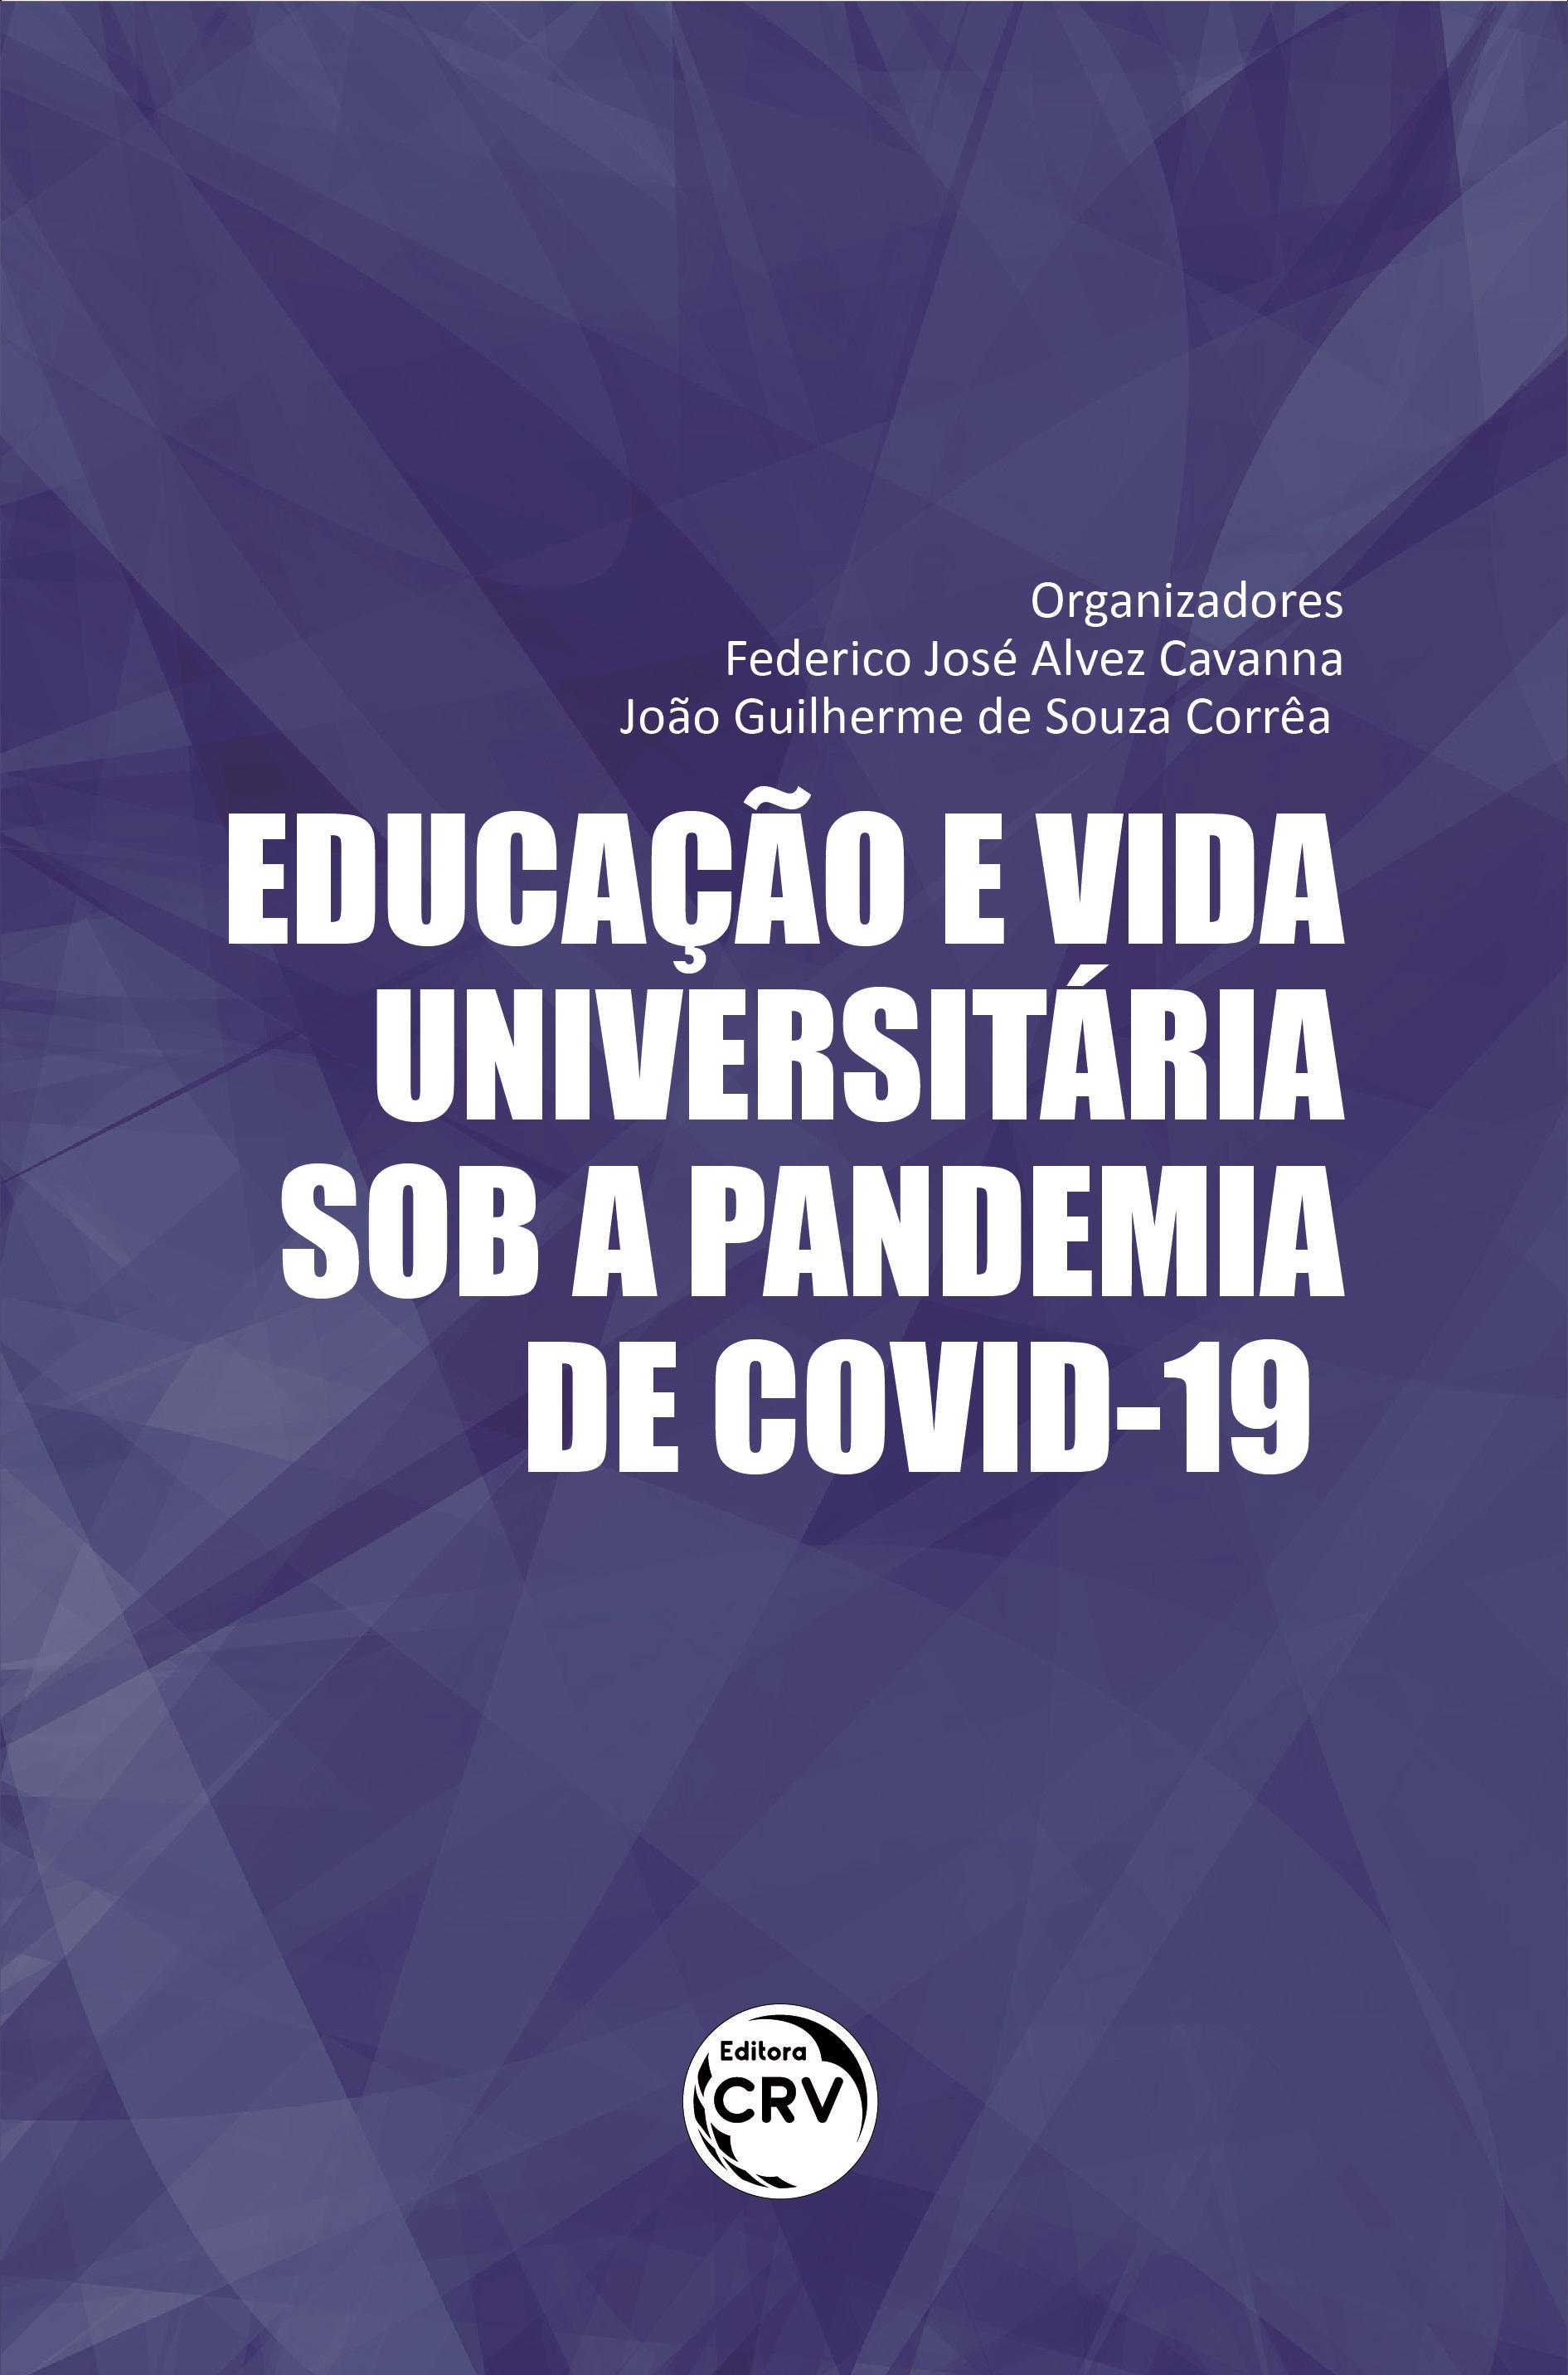 Capa do livro: EDUCAÇÃO E VIDA UNIVERSITÁRIA SOB A PANDEMIA DE COVID-19